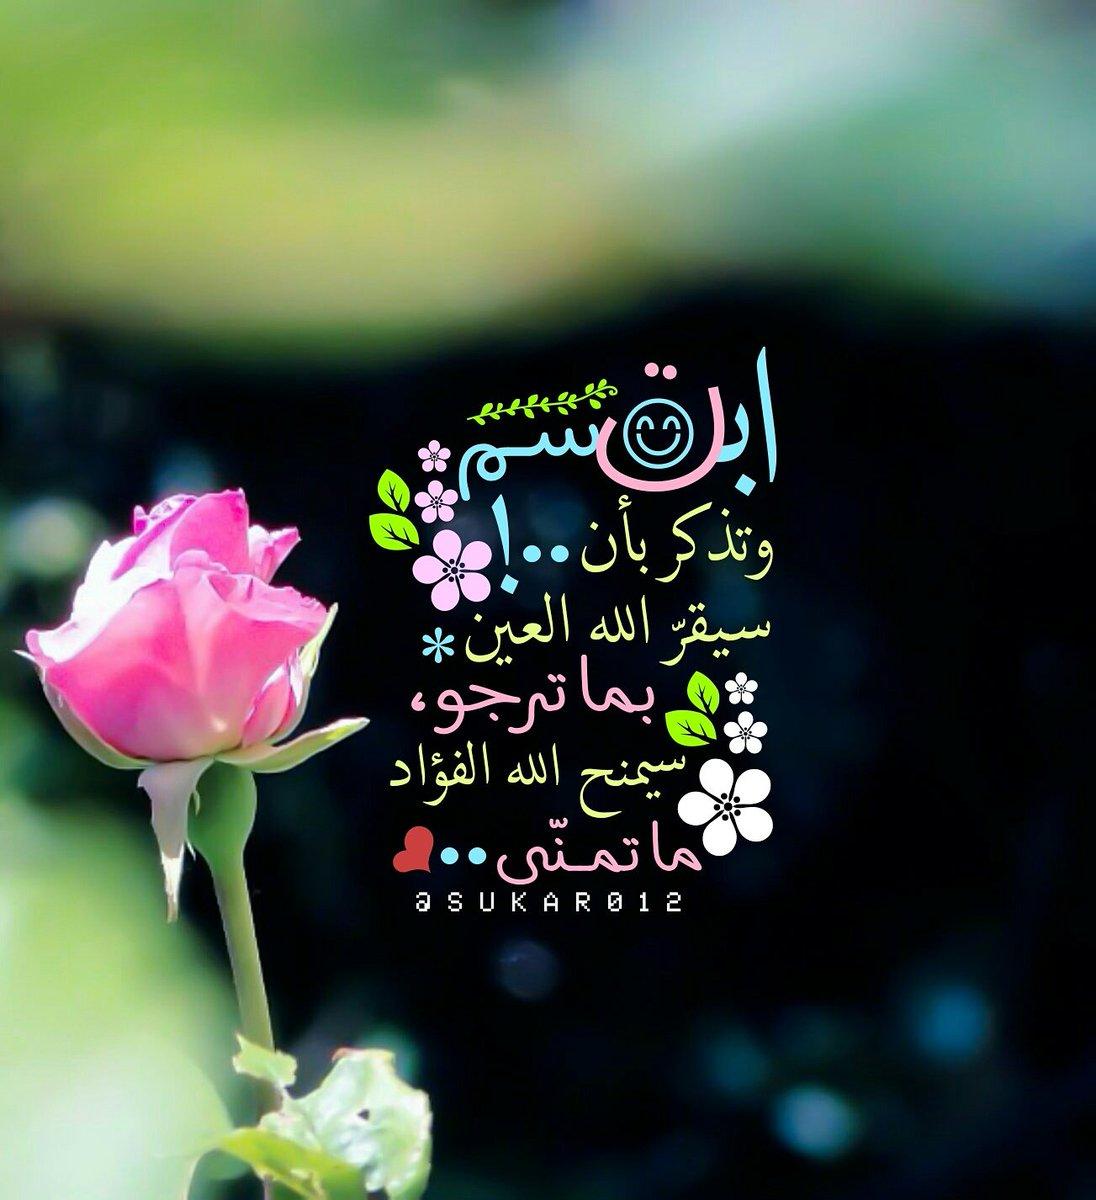 بالصور عبارات قصيره جميله , اجمل كلمات قصيره عن الابتسامه في وجوه الاخرين 5546 2